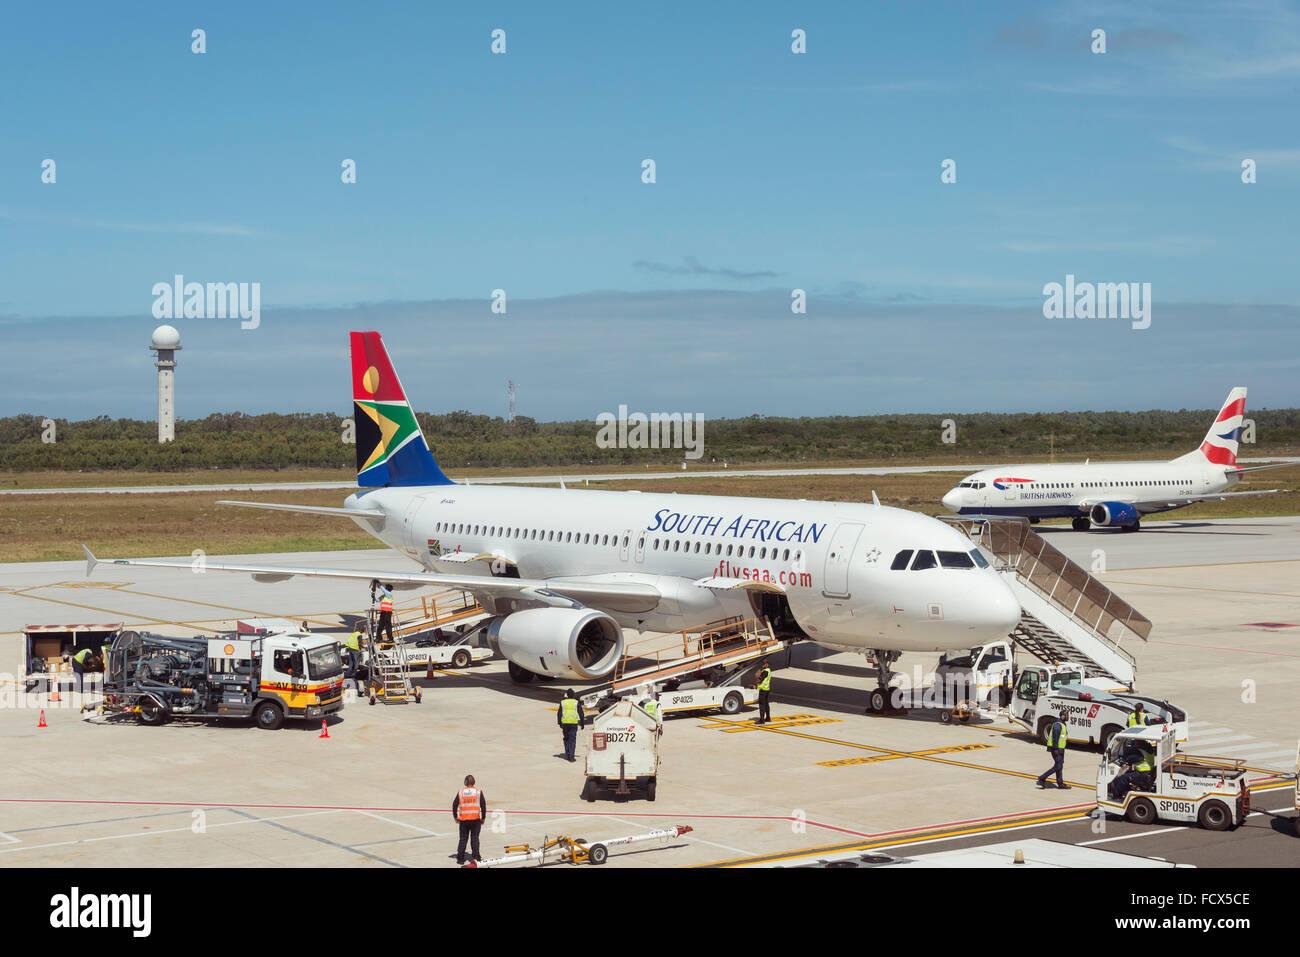 South African Airways Airbus A320, el aeropuerto internacional de Port Elizabeth, Port Elizabeth, Eastern Cape, Imagen De Stock